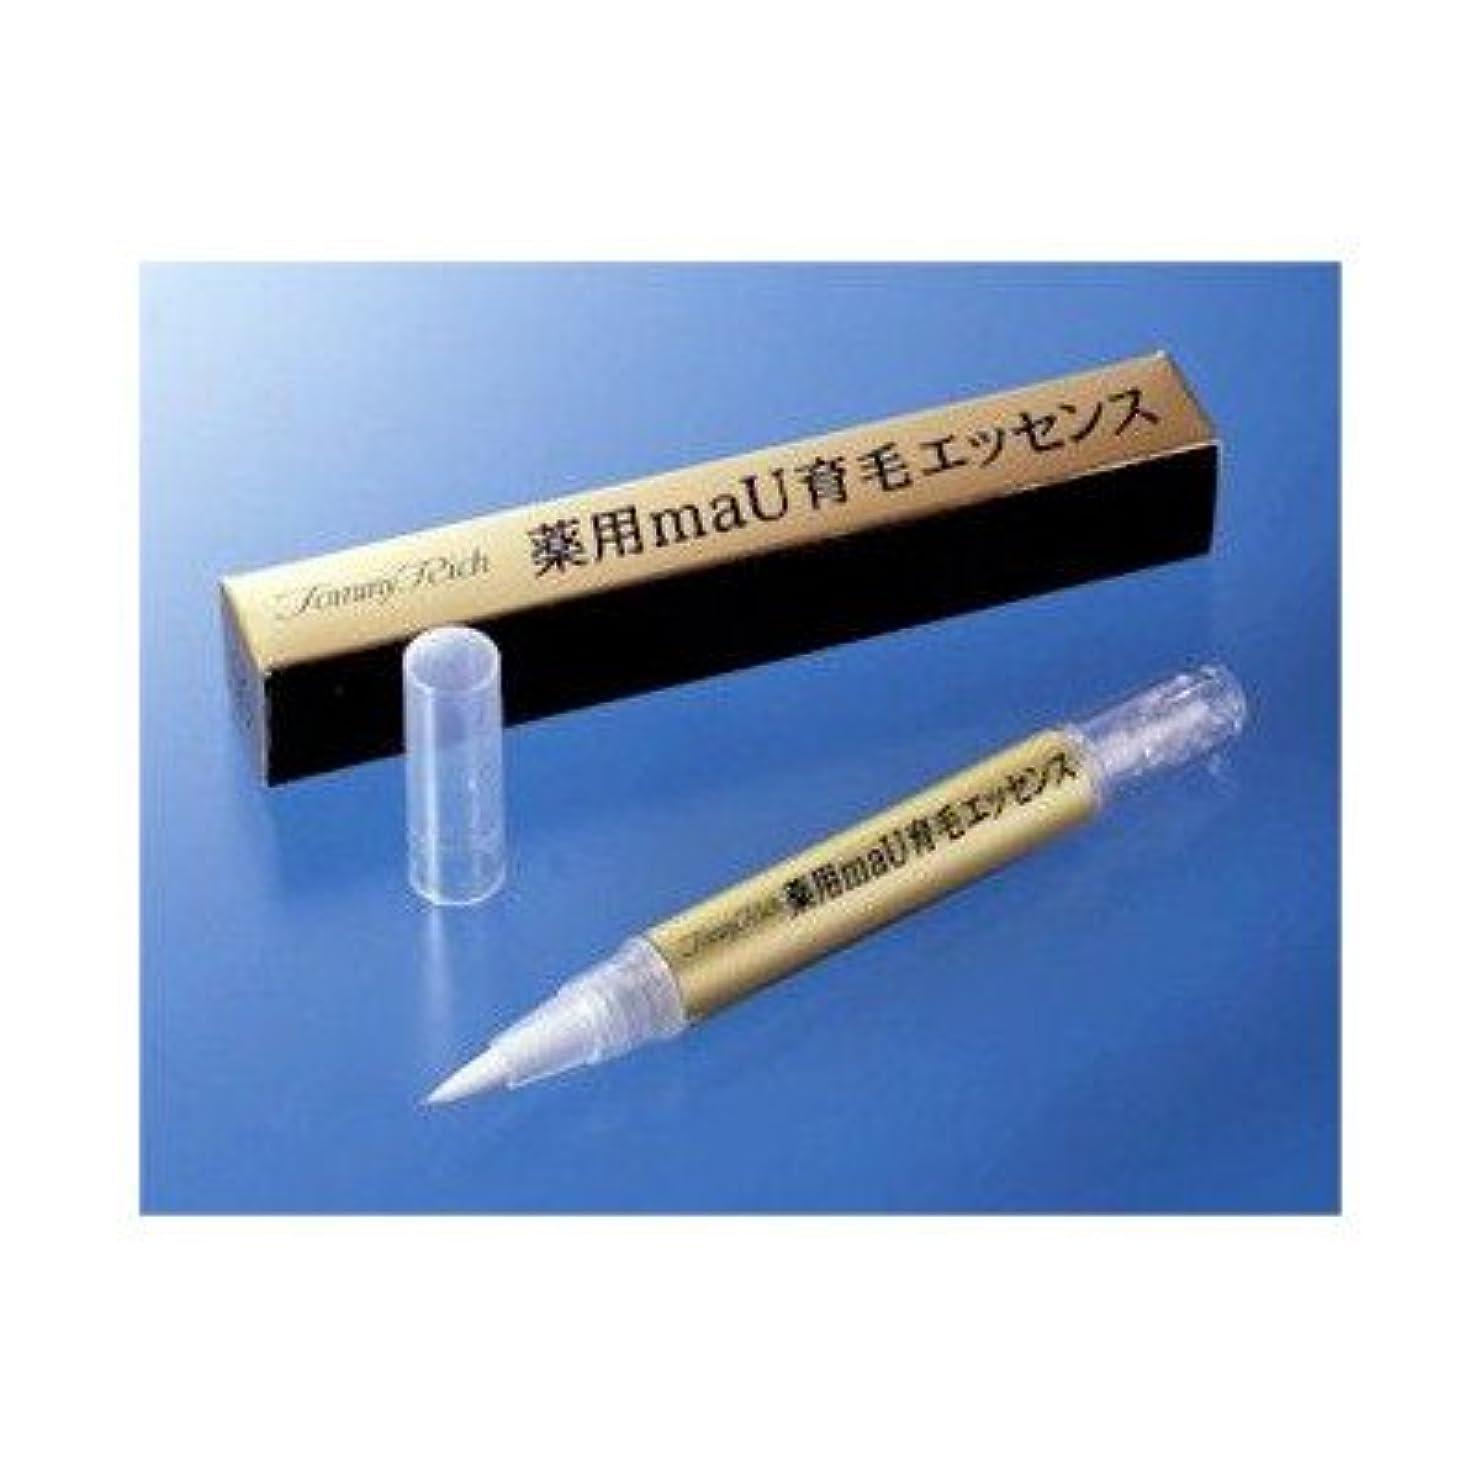 誠意準備ができてミシン目トミーリッチ薬用maU育毛エッセンス(医薬部外品)2個セット